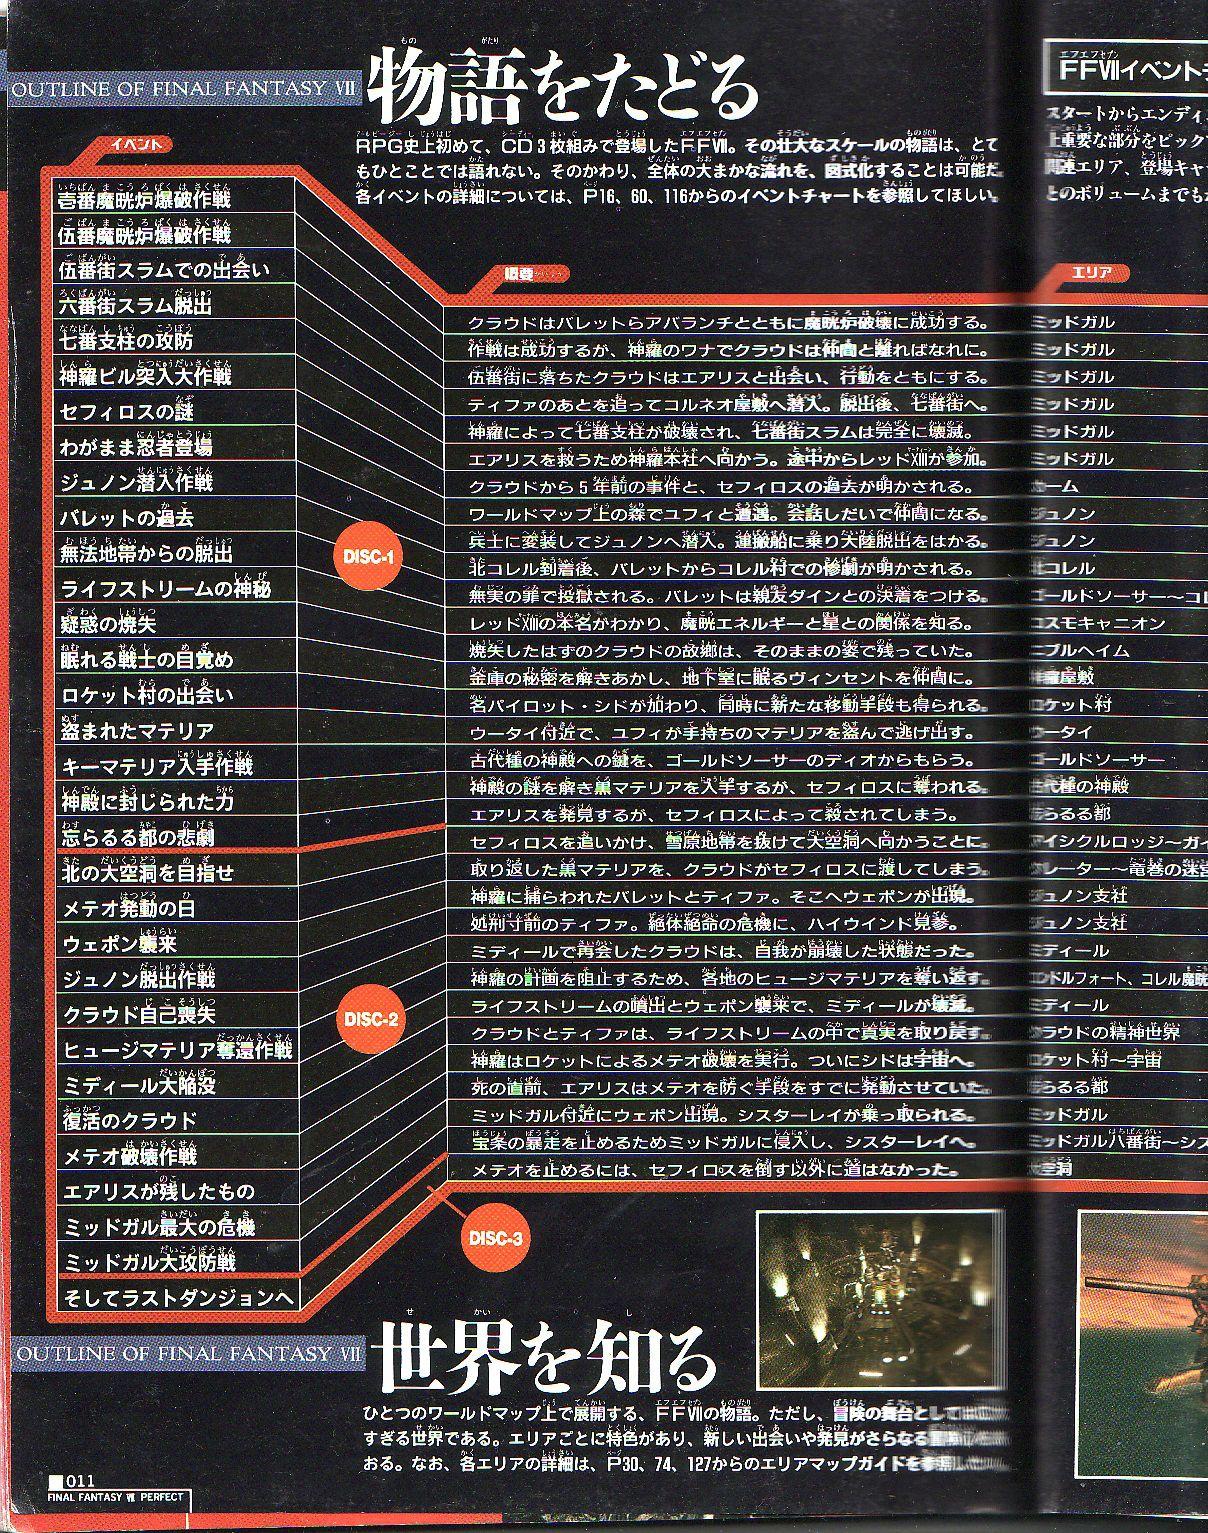 N9J4xPV - 【悲報】FF7リメイク、終わるまで何年かかるかわからない